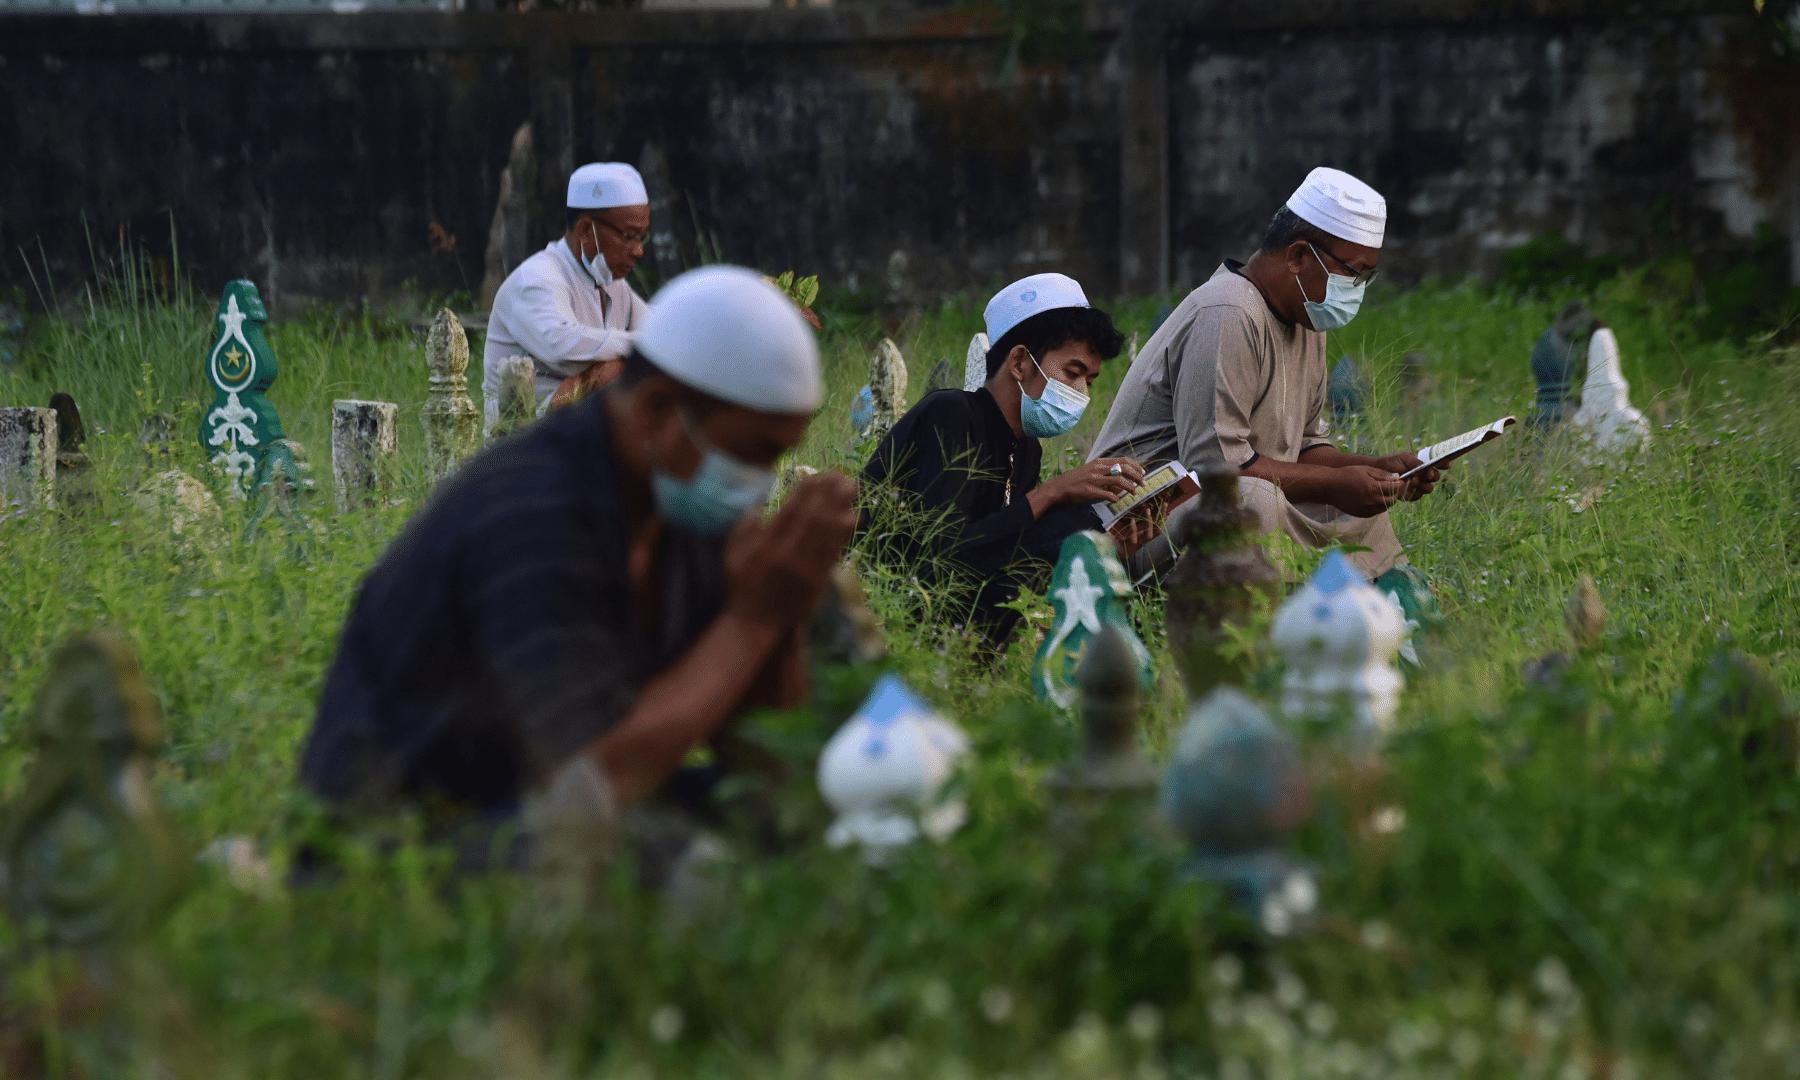 تھائی لینڈ میں عید کے اجتماع کی ادائیگی کے لوگوں اپنے پیاروں کی مغفرت کے لیے قبرستان میں فاتحہ خوانی کررہے ہیں— فوٹو: اے ایف پی